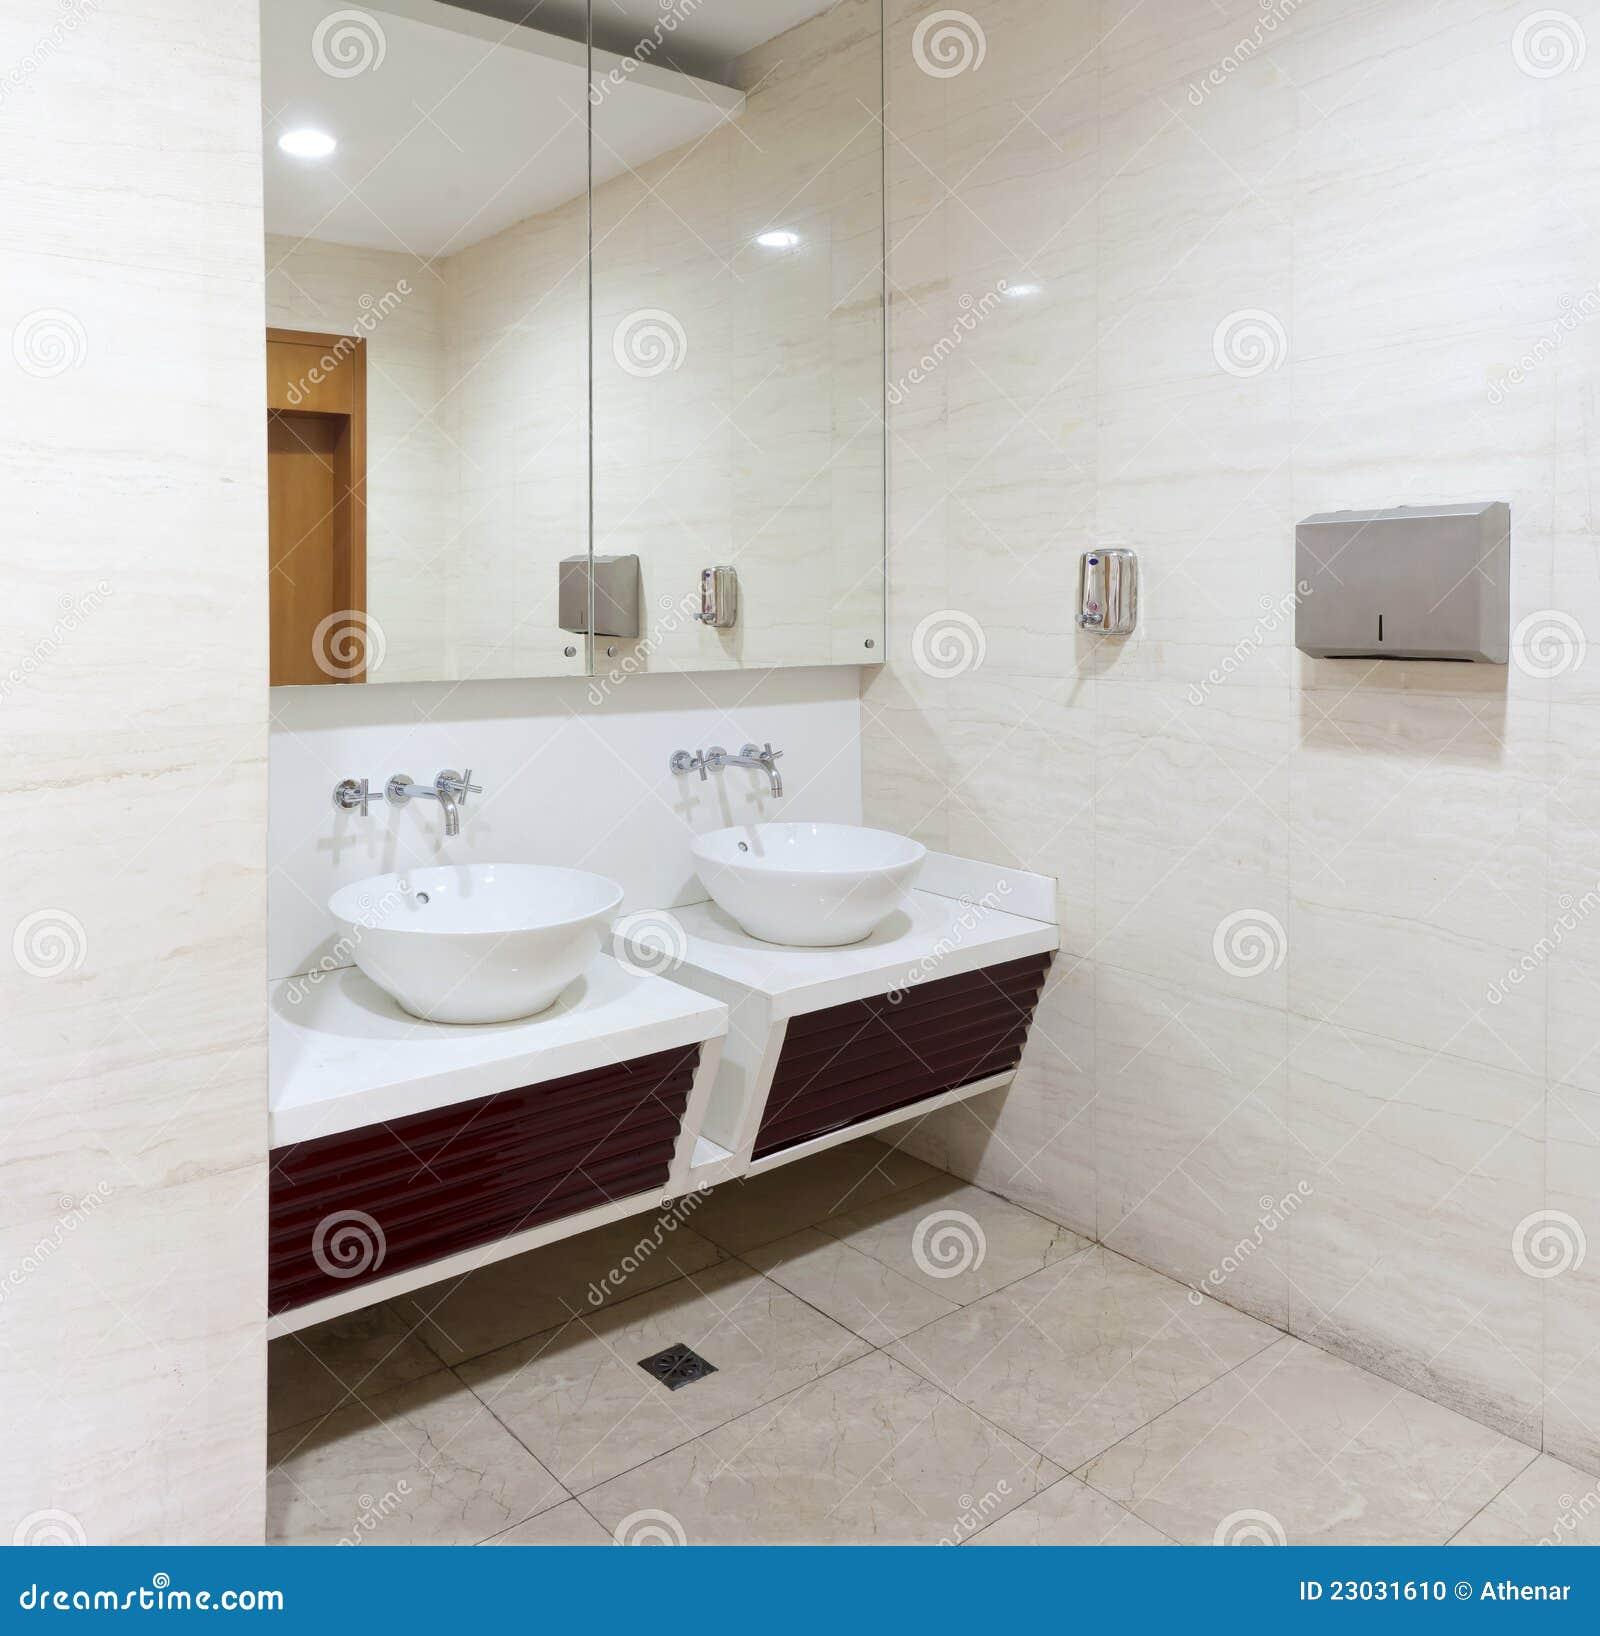 Lavabos golpecitos y espejo en tocador p blico - Espejos para lavabos ...